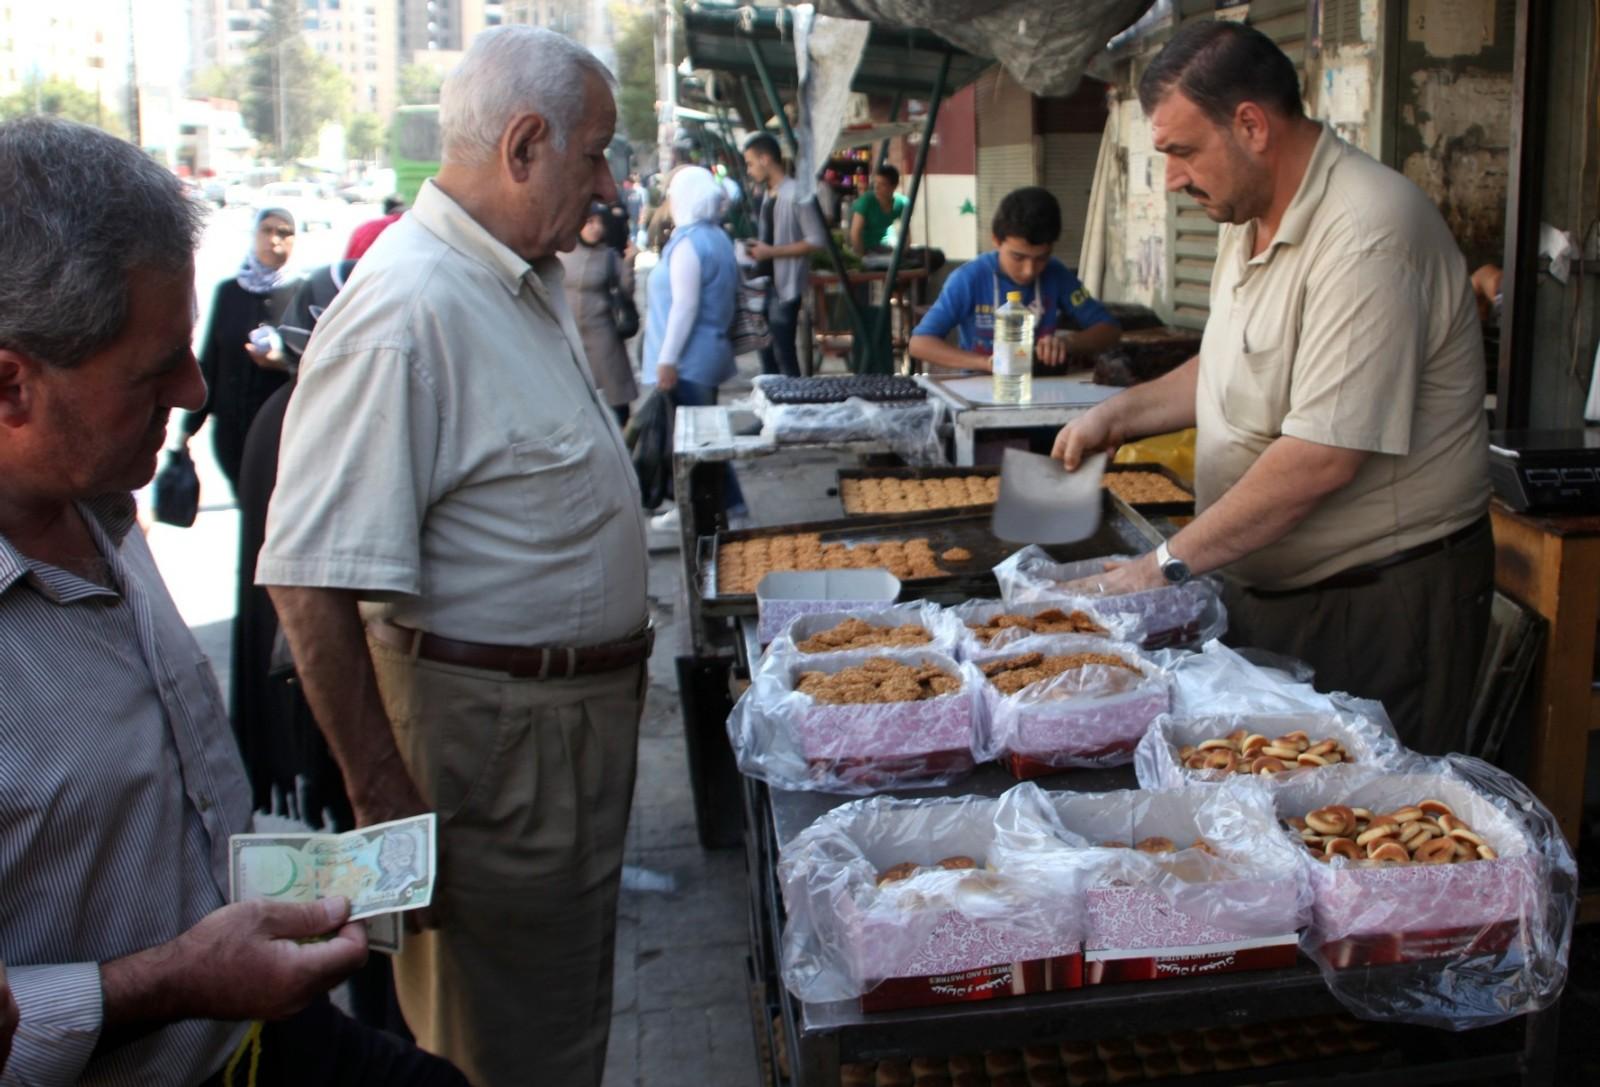 Det er godt utval av varer på marknadsplassane i dei vestlege bydelane i Aleppo.